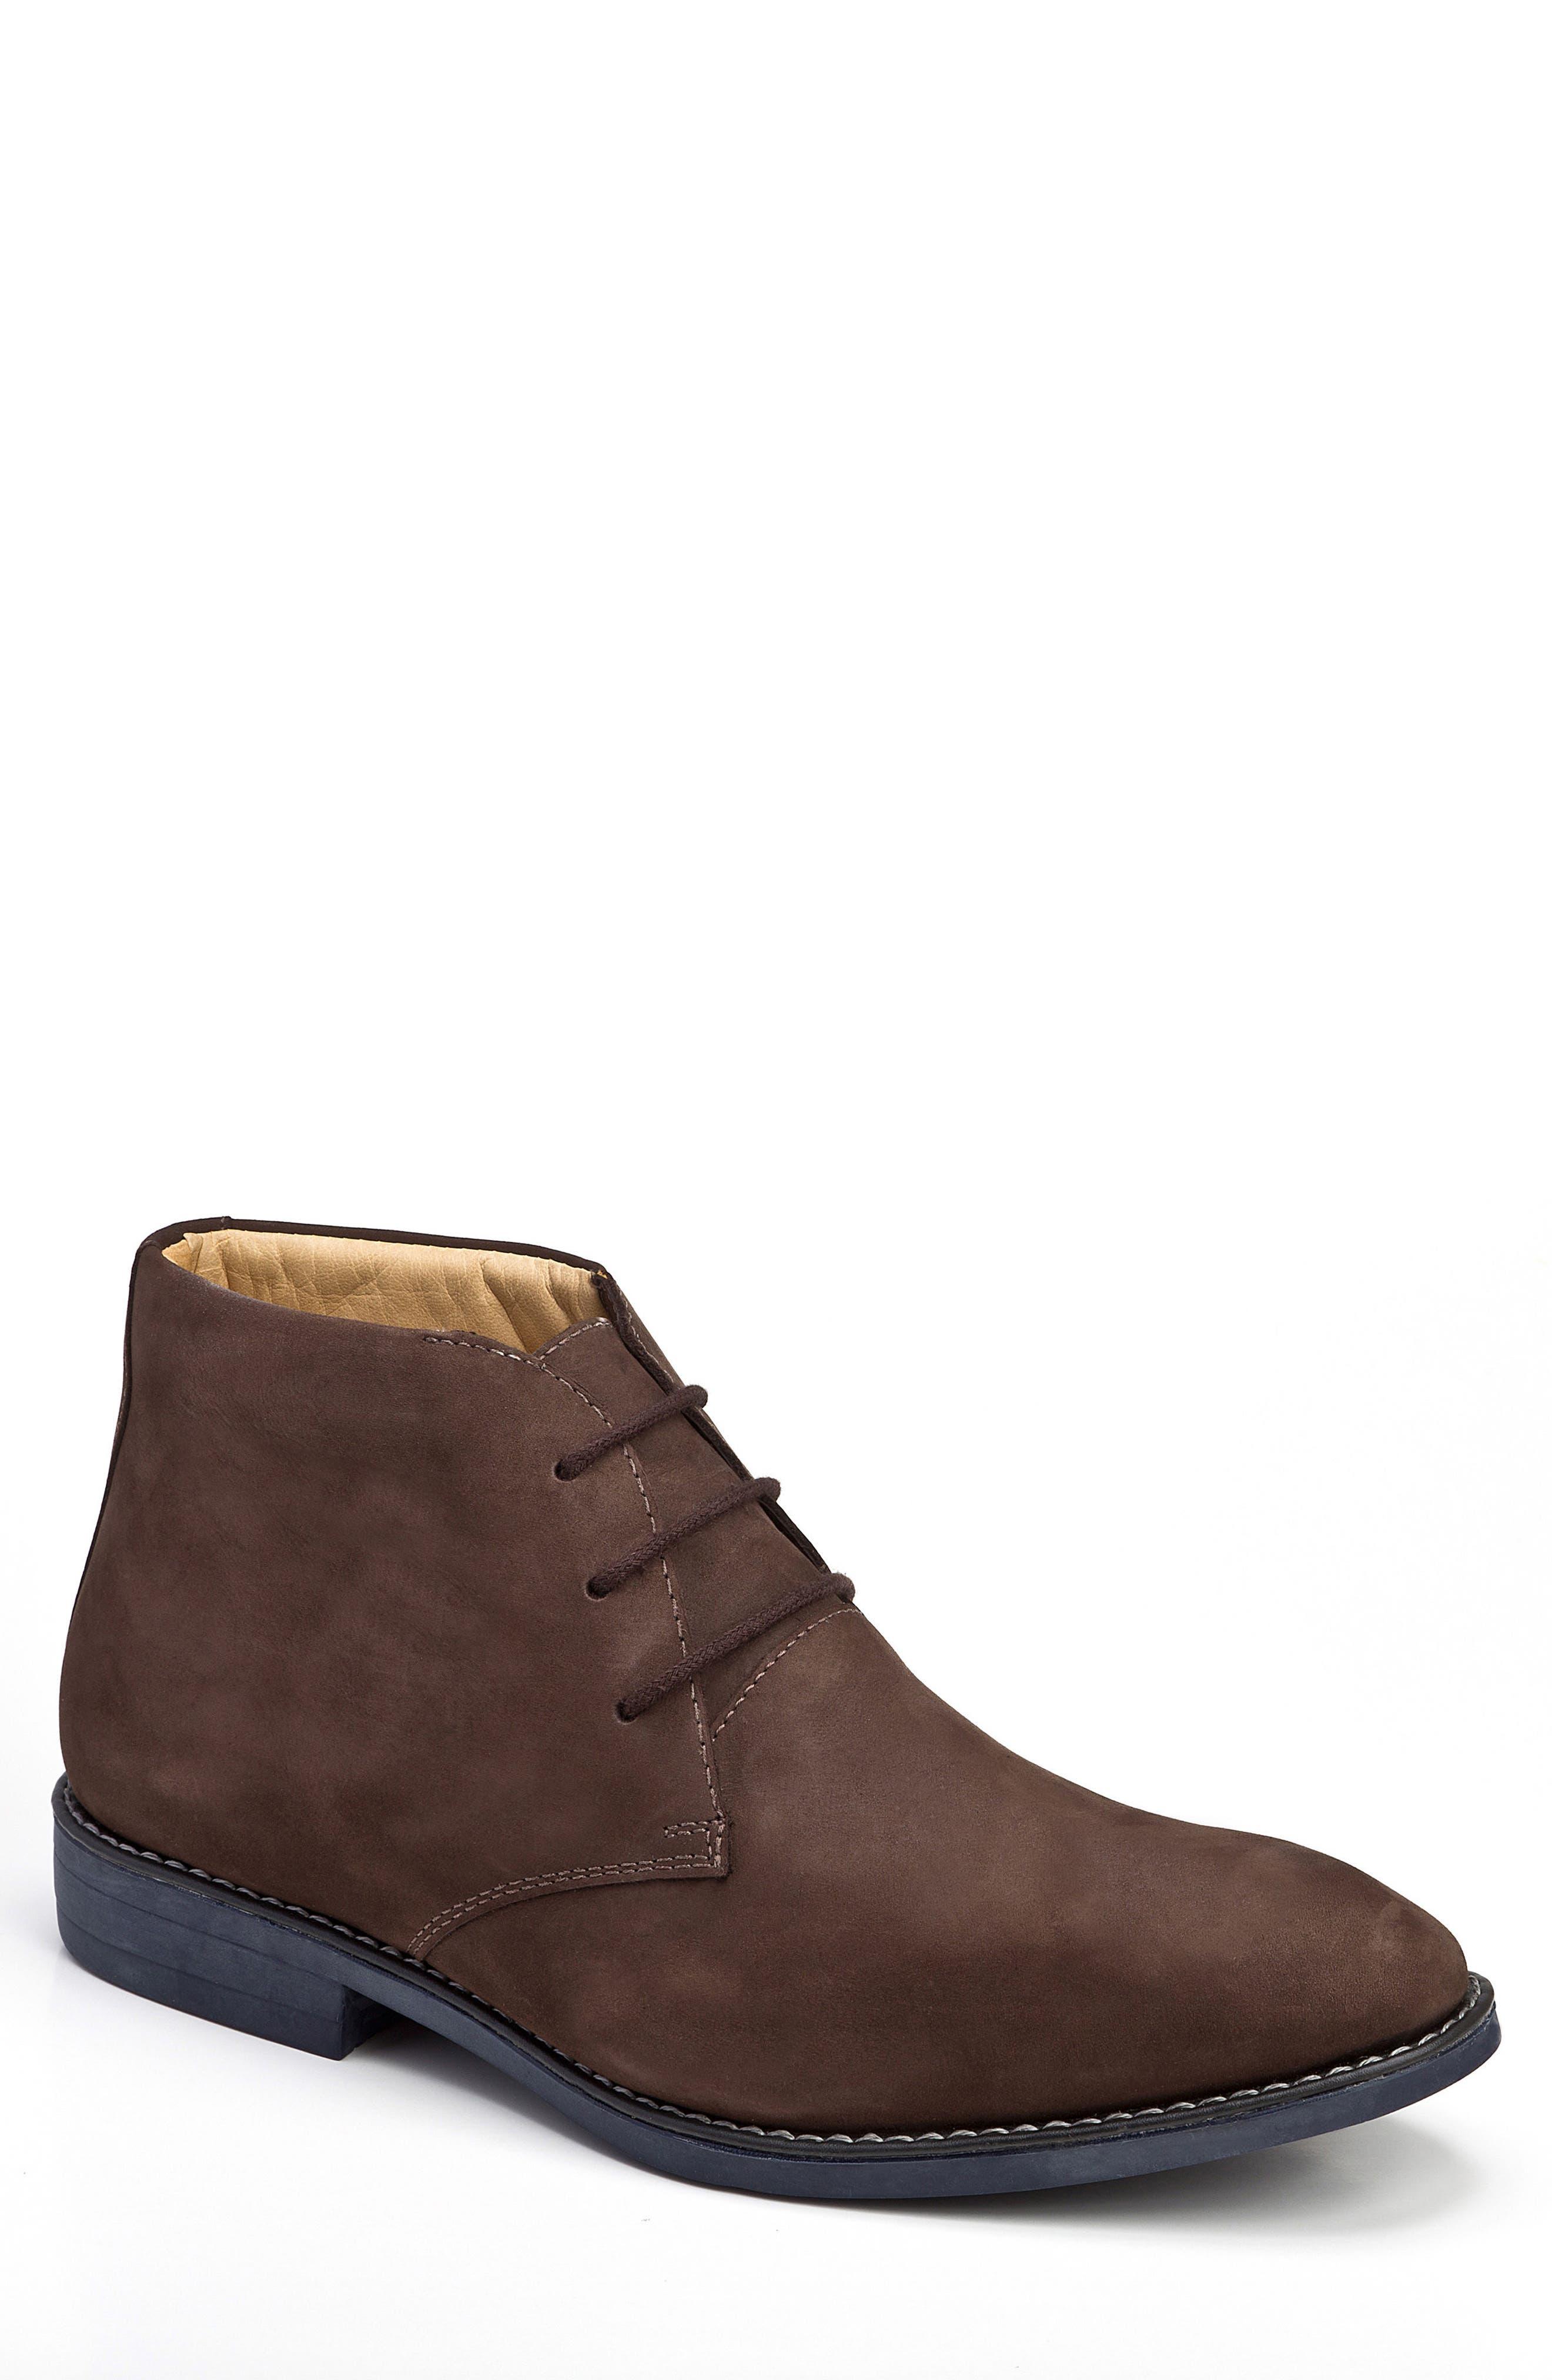 Nick Chukka Boot,                             Main thumbnail 1, color,                             Brown Nubuck Leather